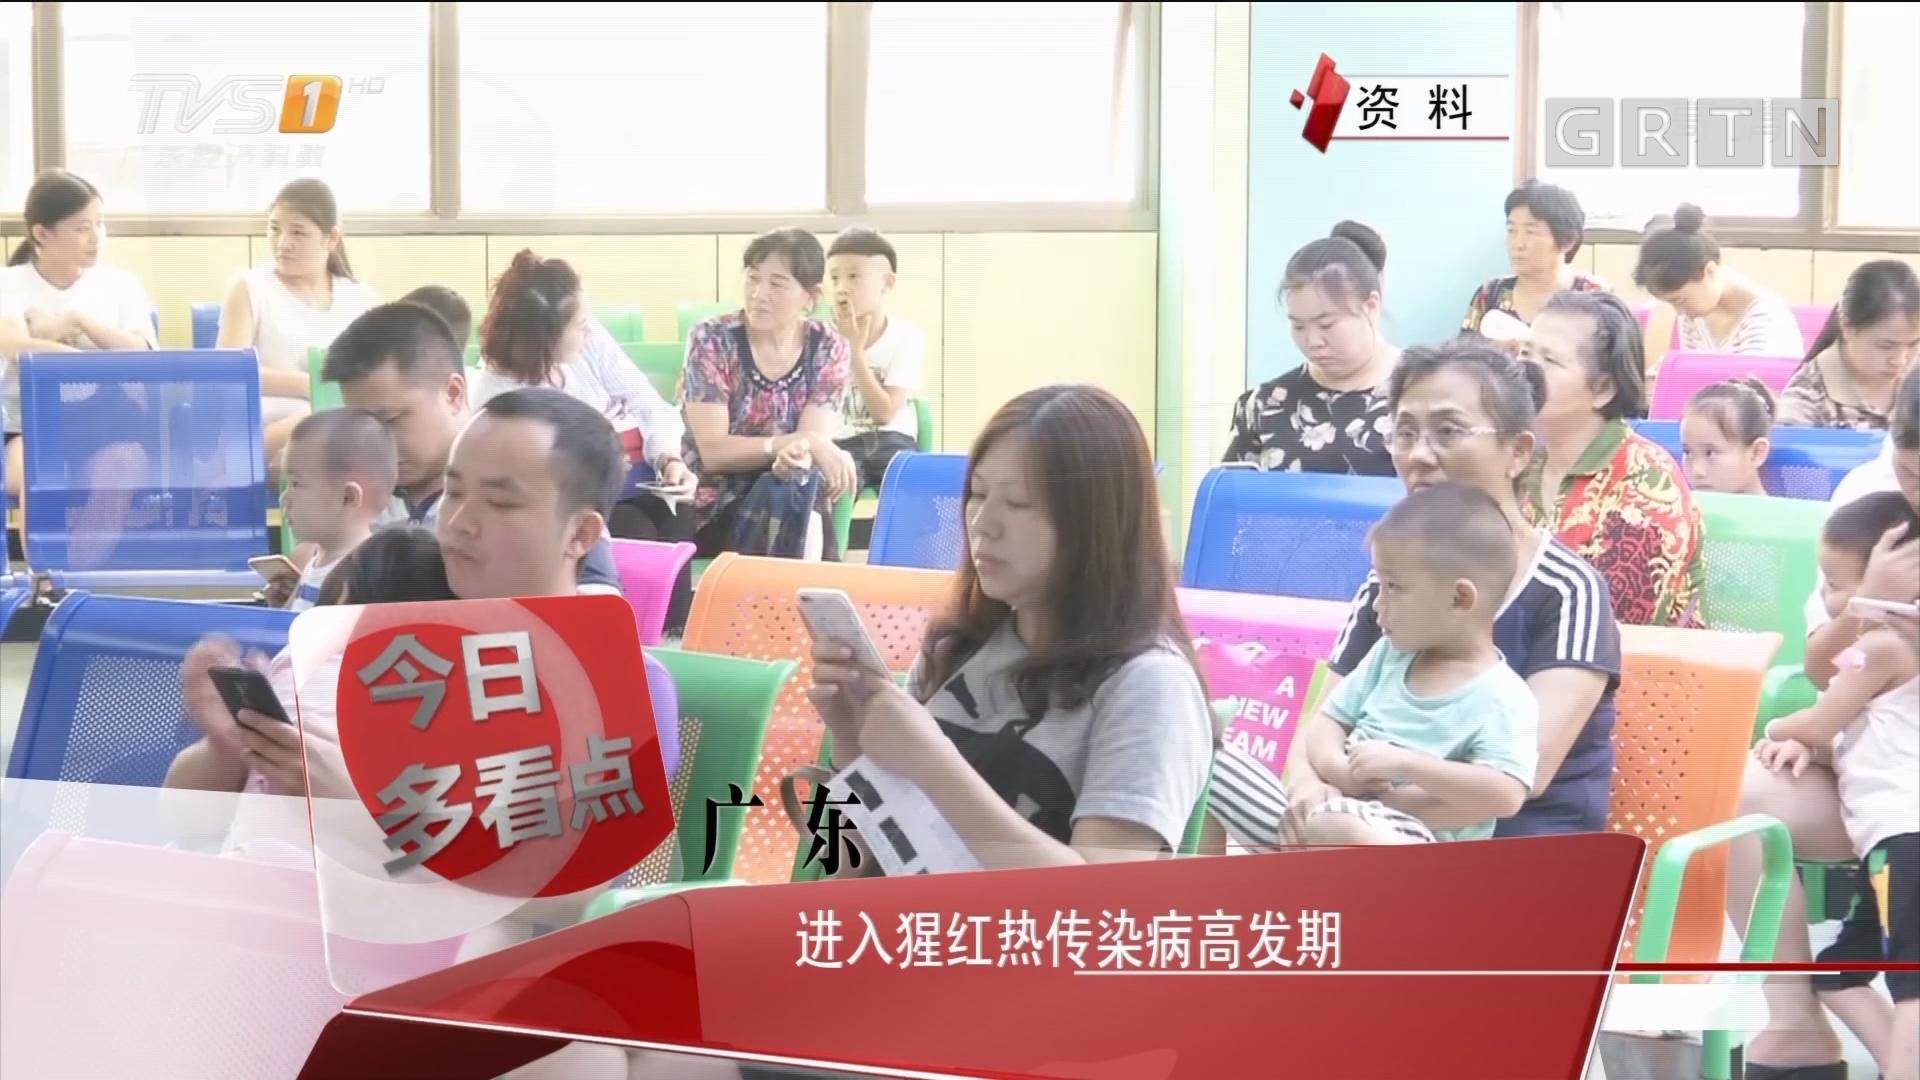 广东:进入猩红热传染病高发期